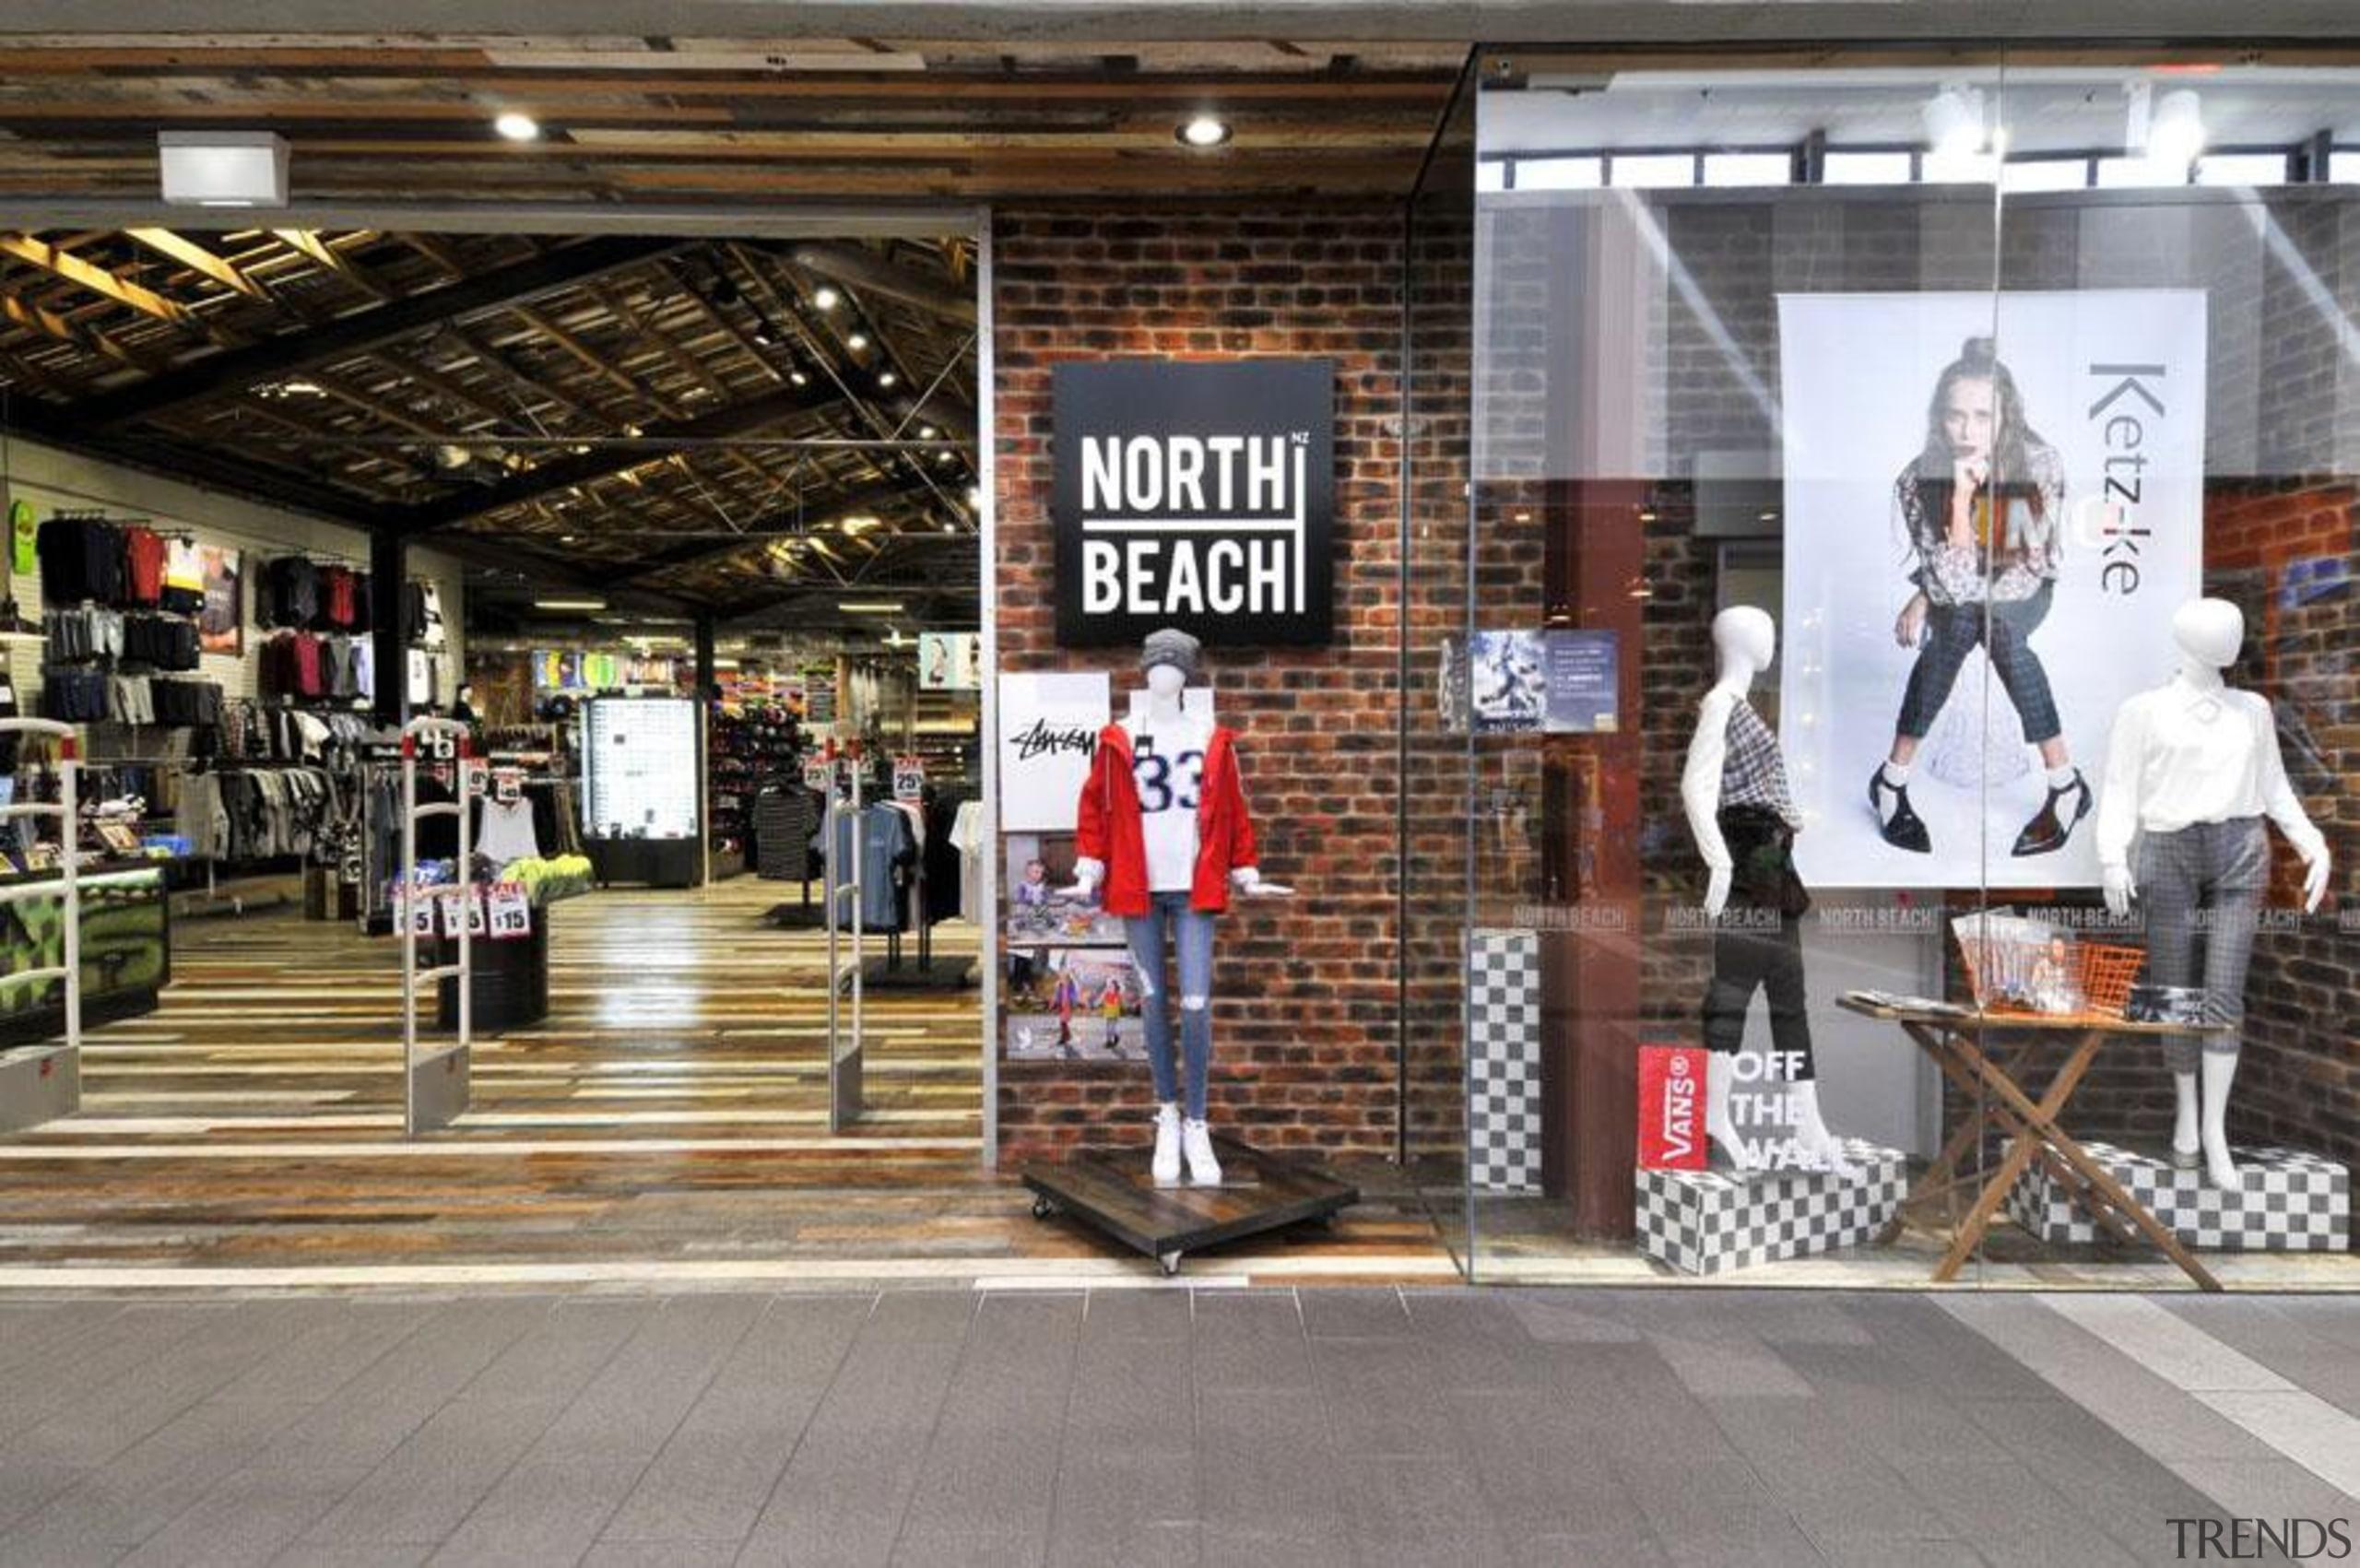 dsc4605edit - Dsc 4605 Edit - retail | retail, shopping, gray, black